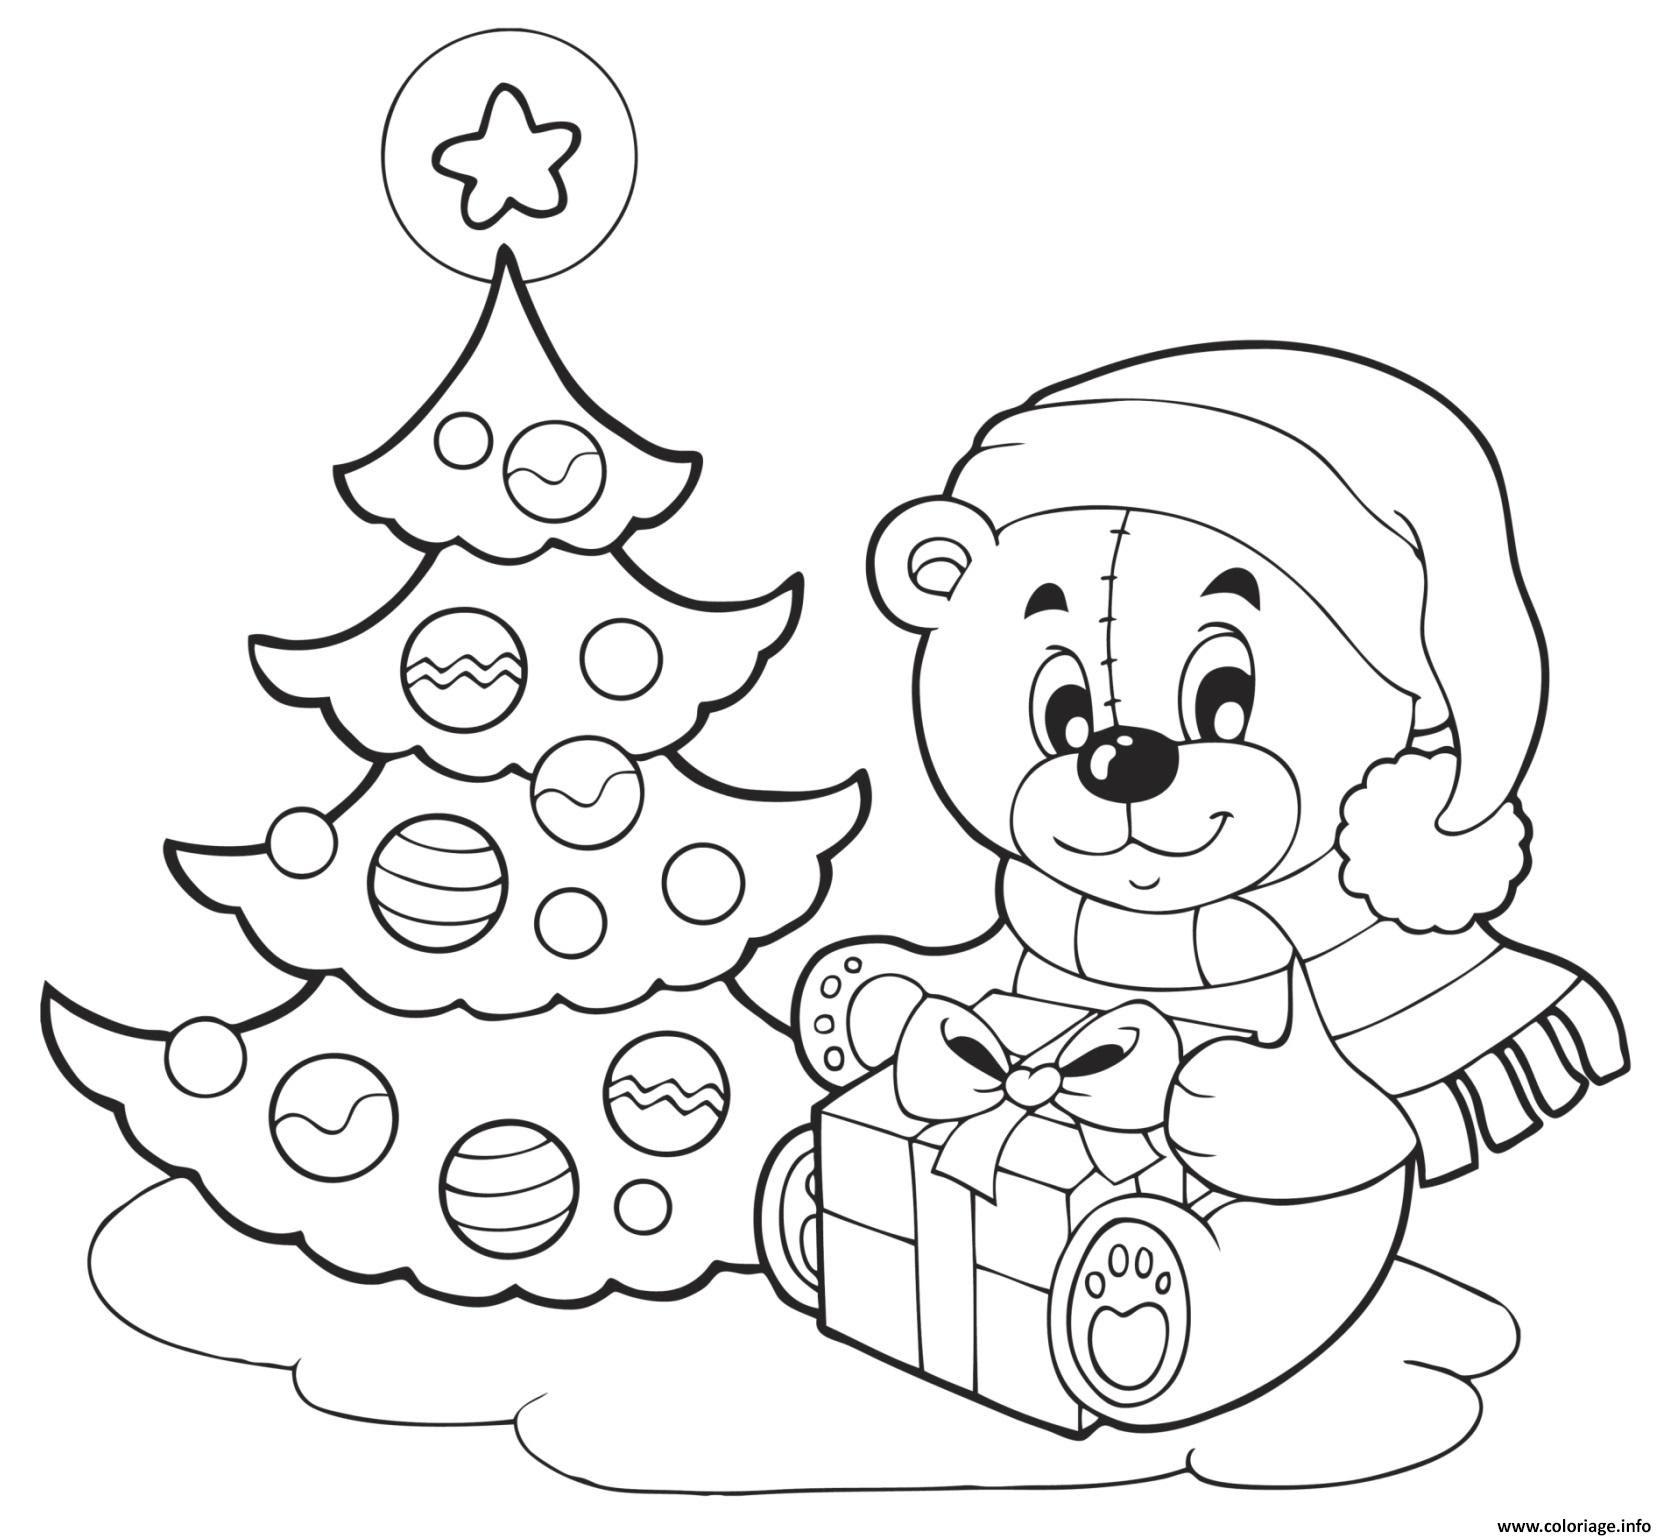 Coloriage Sapin De Noel Et Nounours Avec Un Cadeau De Noel Dessin  Imprimer